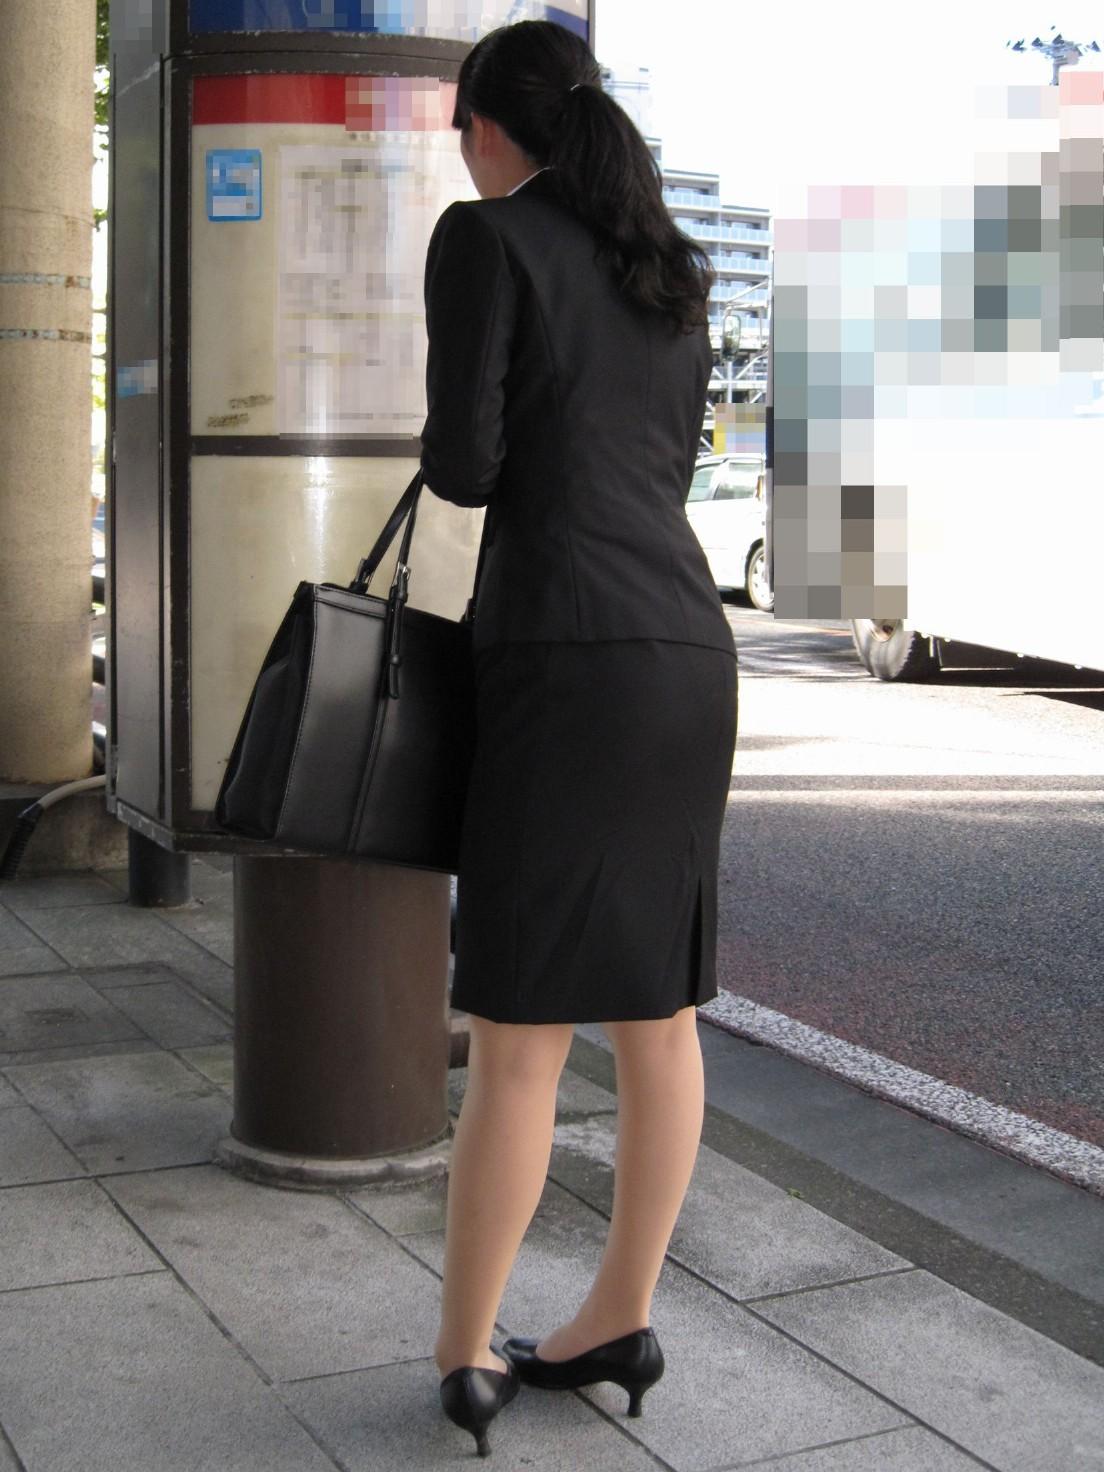 リクルートスーツのお姉さんの街撮り画像だぁーwwwお尻プリプリで最高だぜぇーwww iVcf4RhOj